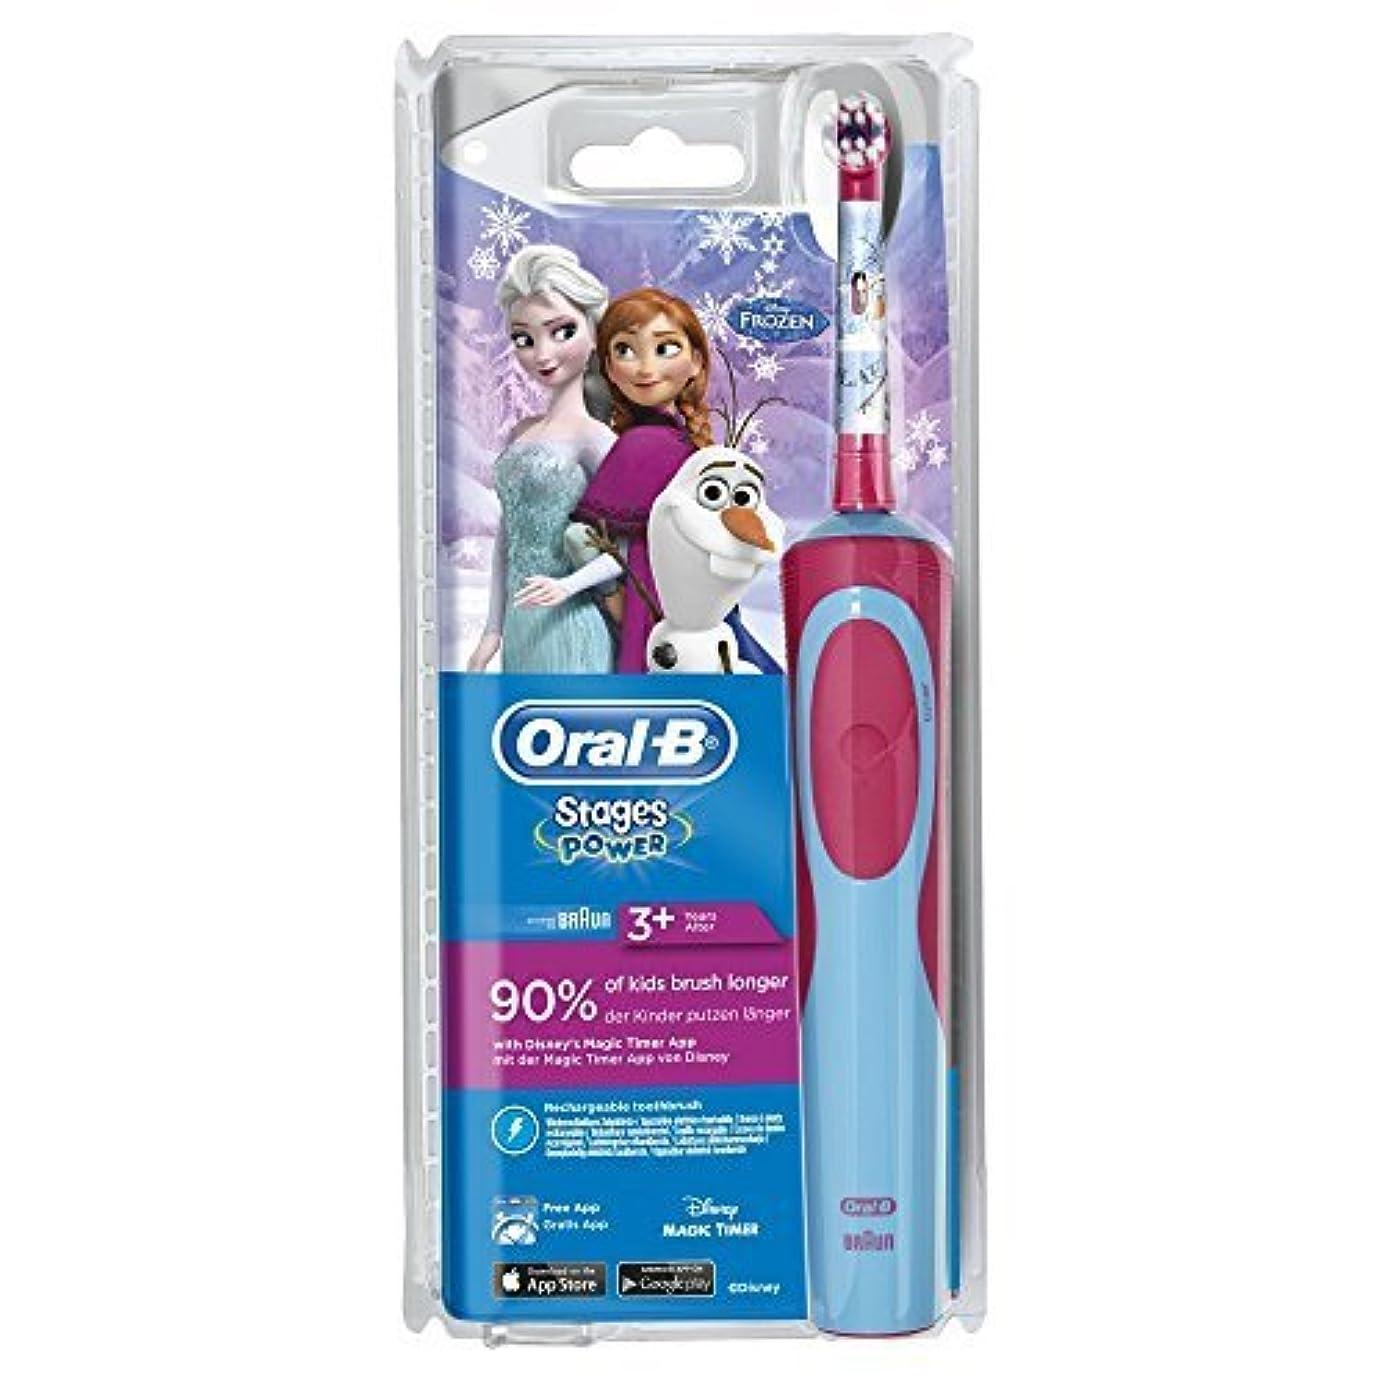 レスリングマントル更新Oral-B Stages Power Electric Toothbrush for Children 3 Years and + - Model : Frozen by Oral-B [並行輸入品]